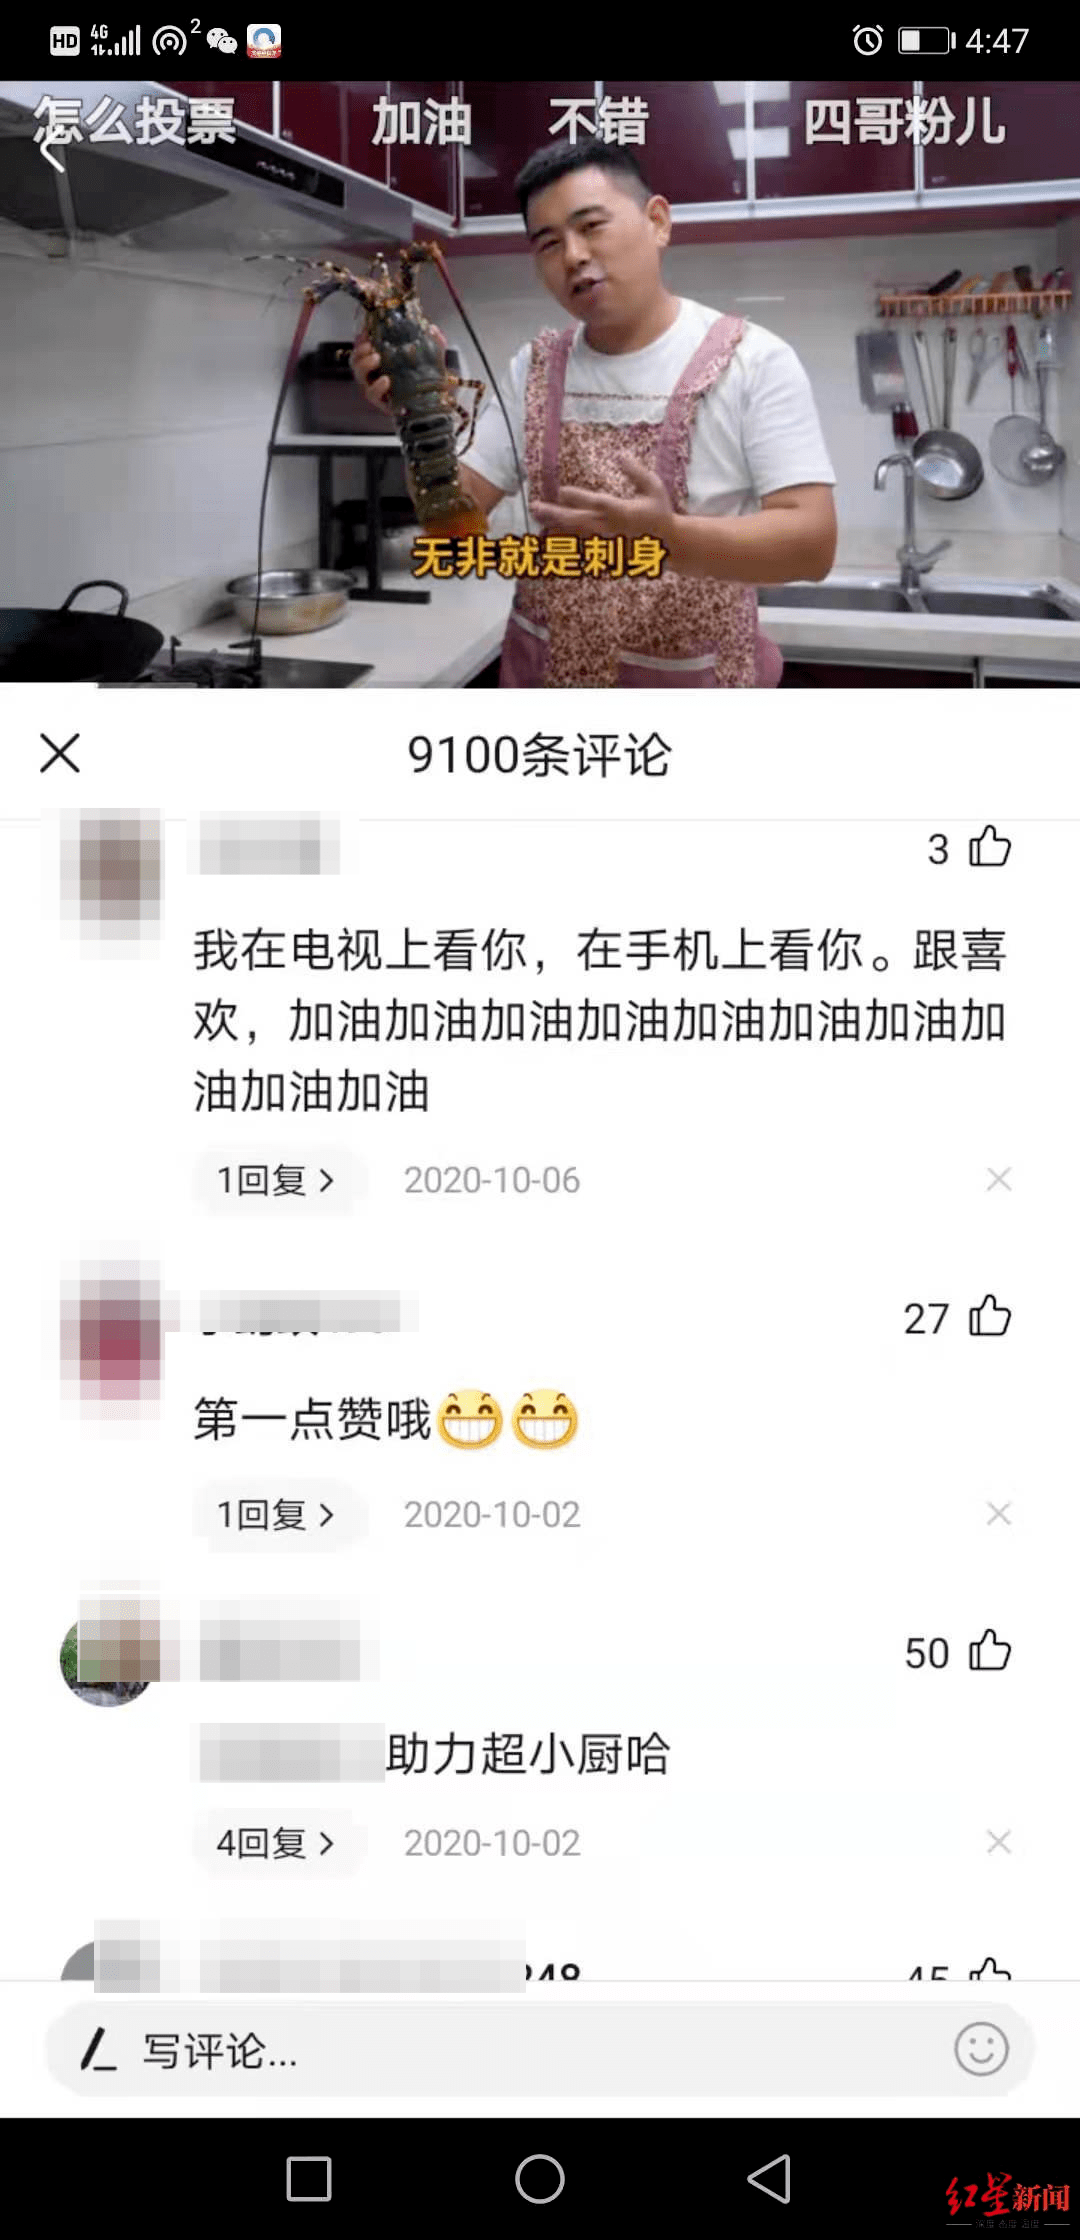 """专访百万粉丝网红超小厨:辞职还乡做美食自媒体,""""离家近,妻儿就在我身后"""""""